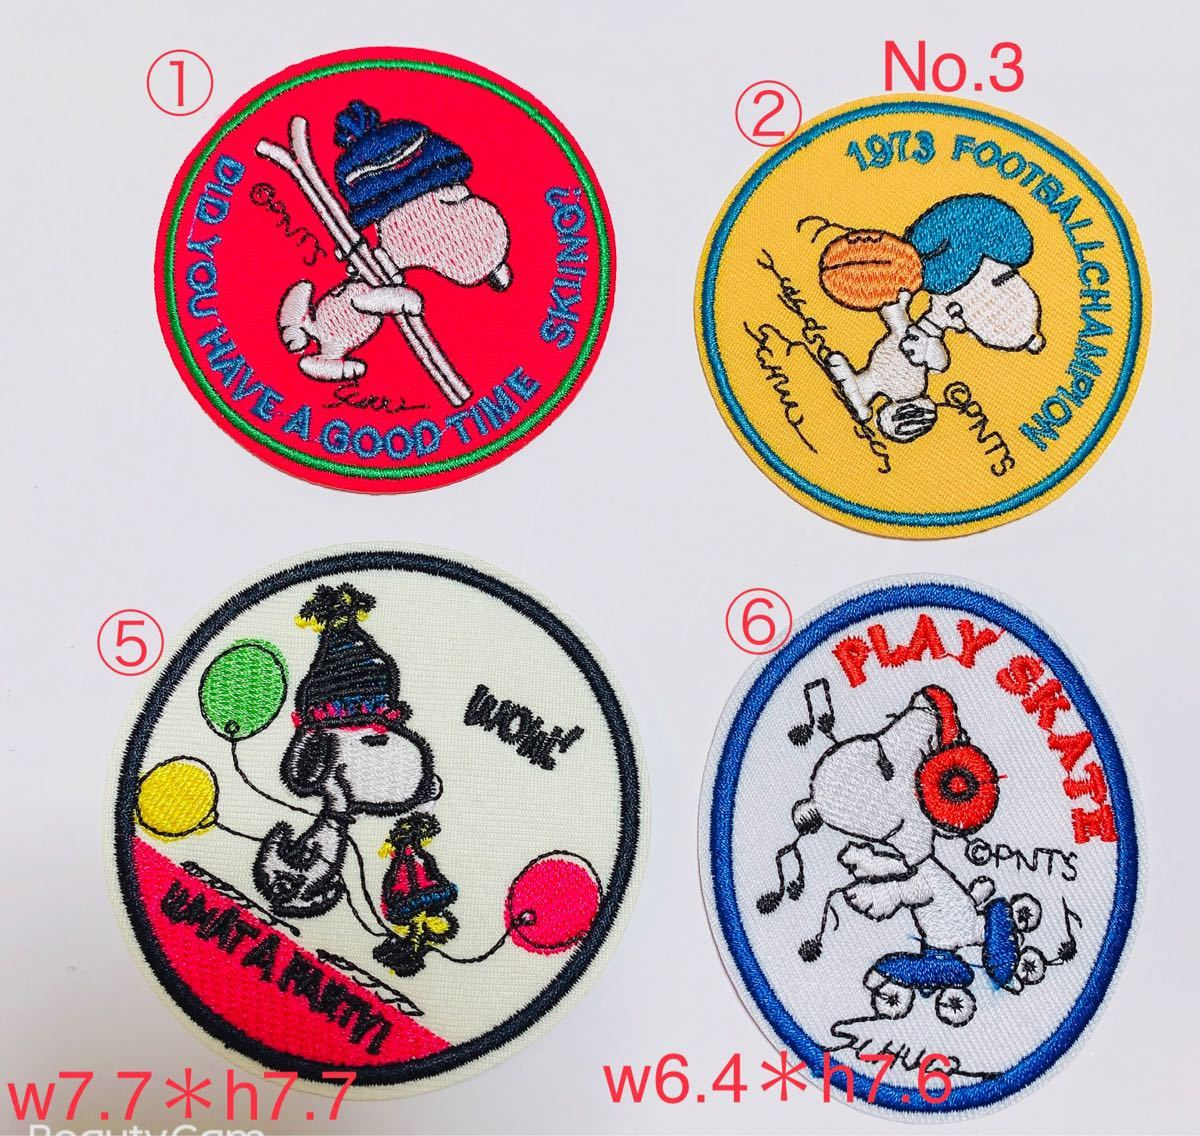 アイロンワッペン2枚〜5枚セット すヌーピーモチーフ 刺繍ワッペン ハンドメイド用